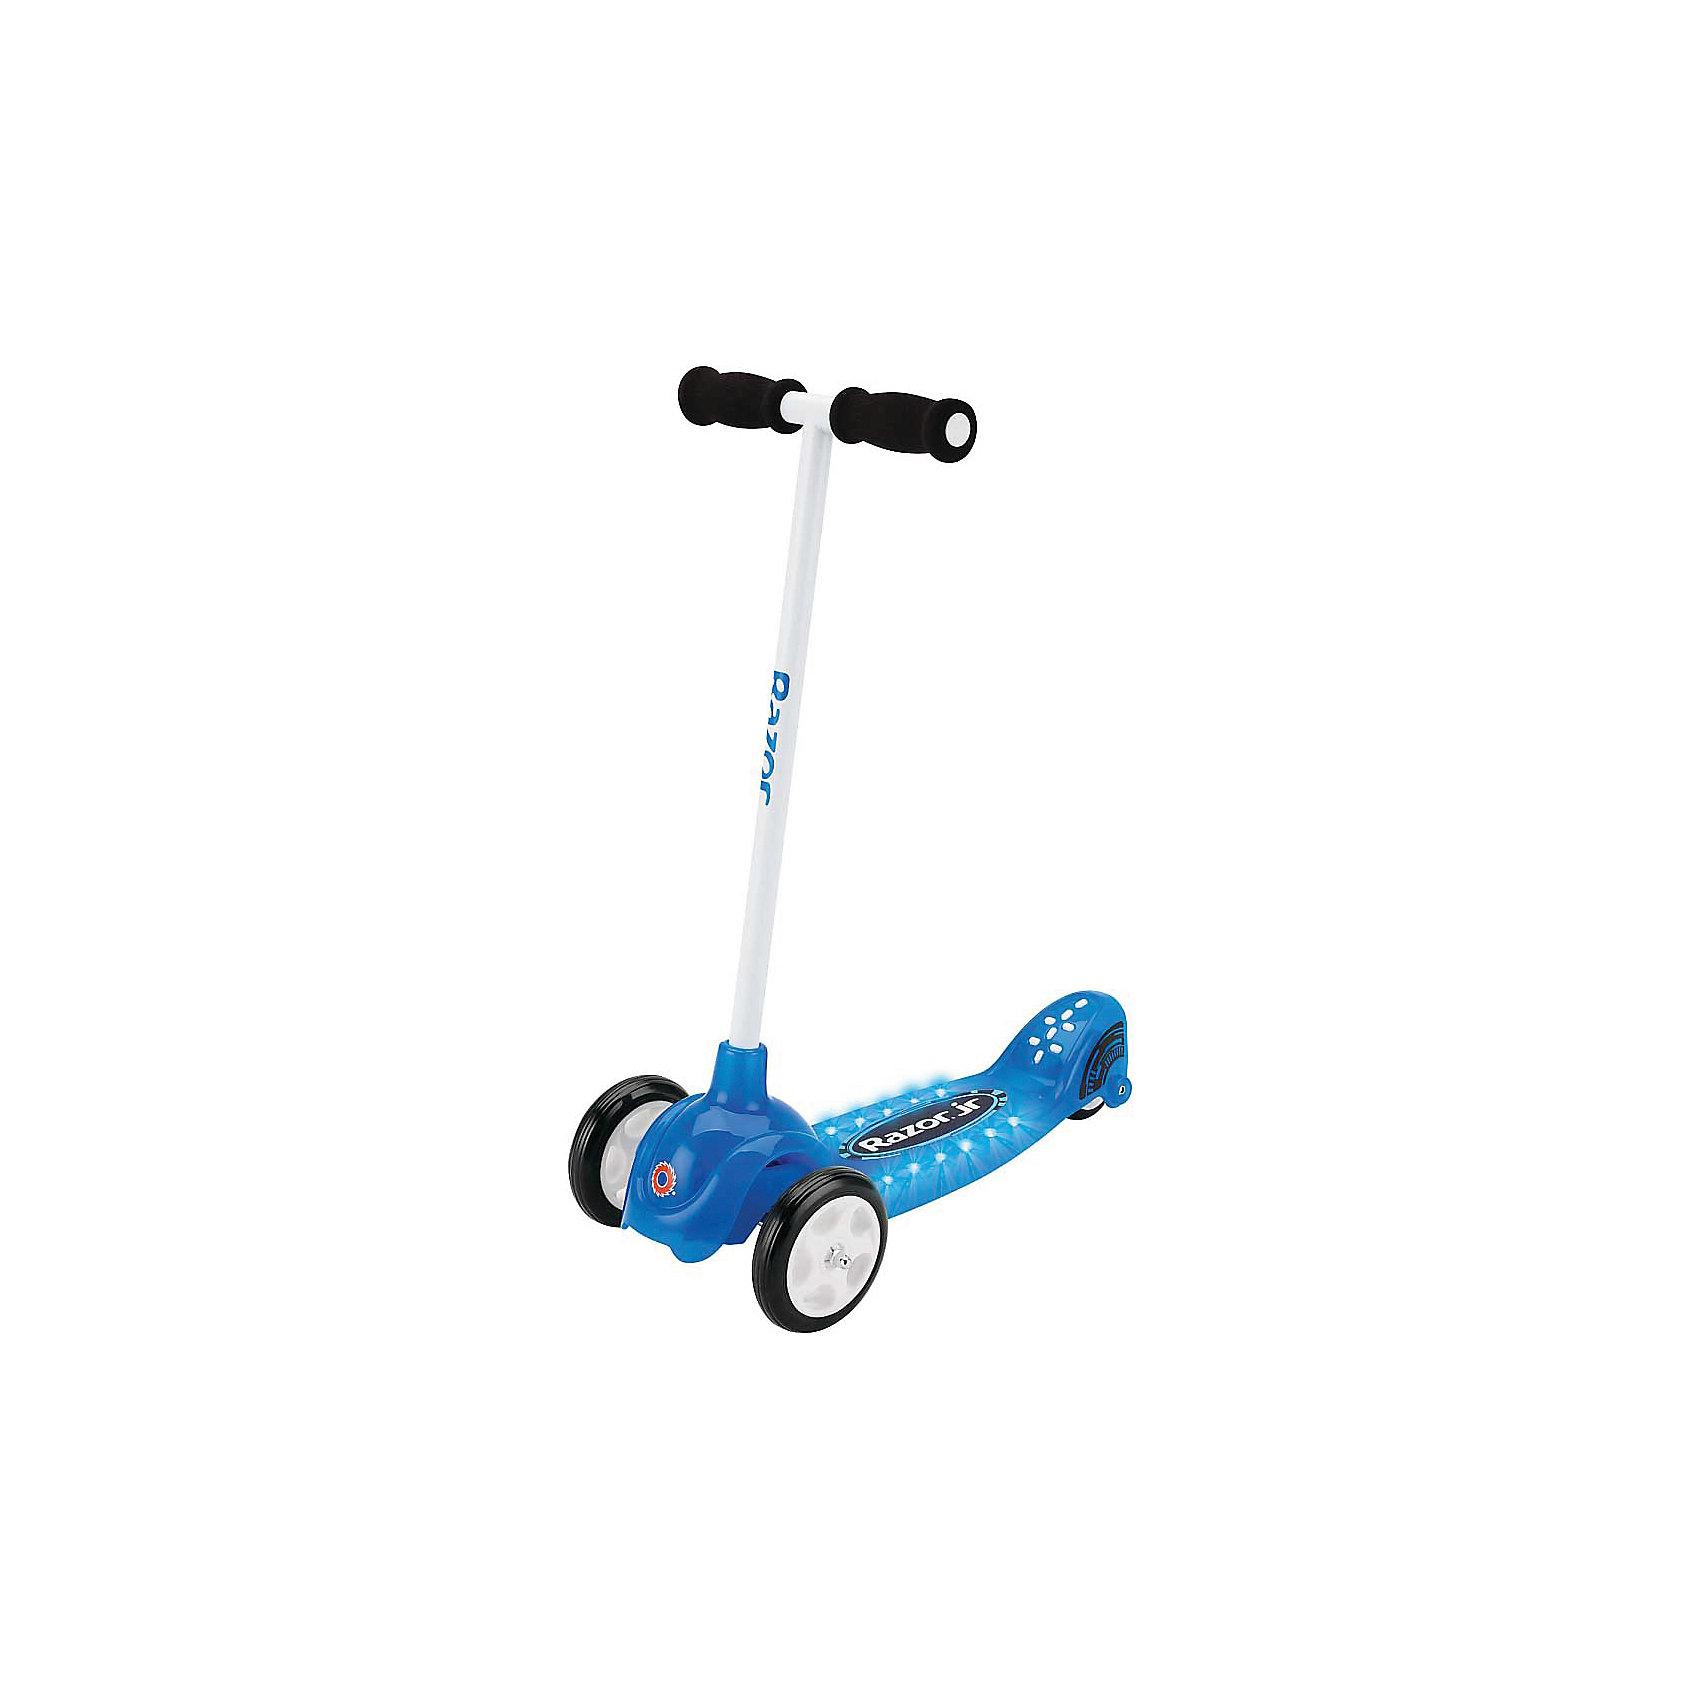 Razor Детский трёхколёсный самокат Lil Tek, синий, Razor